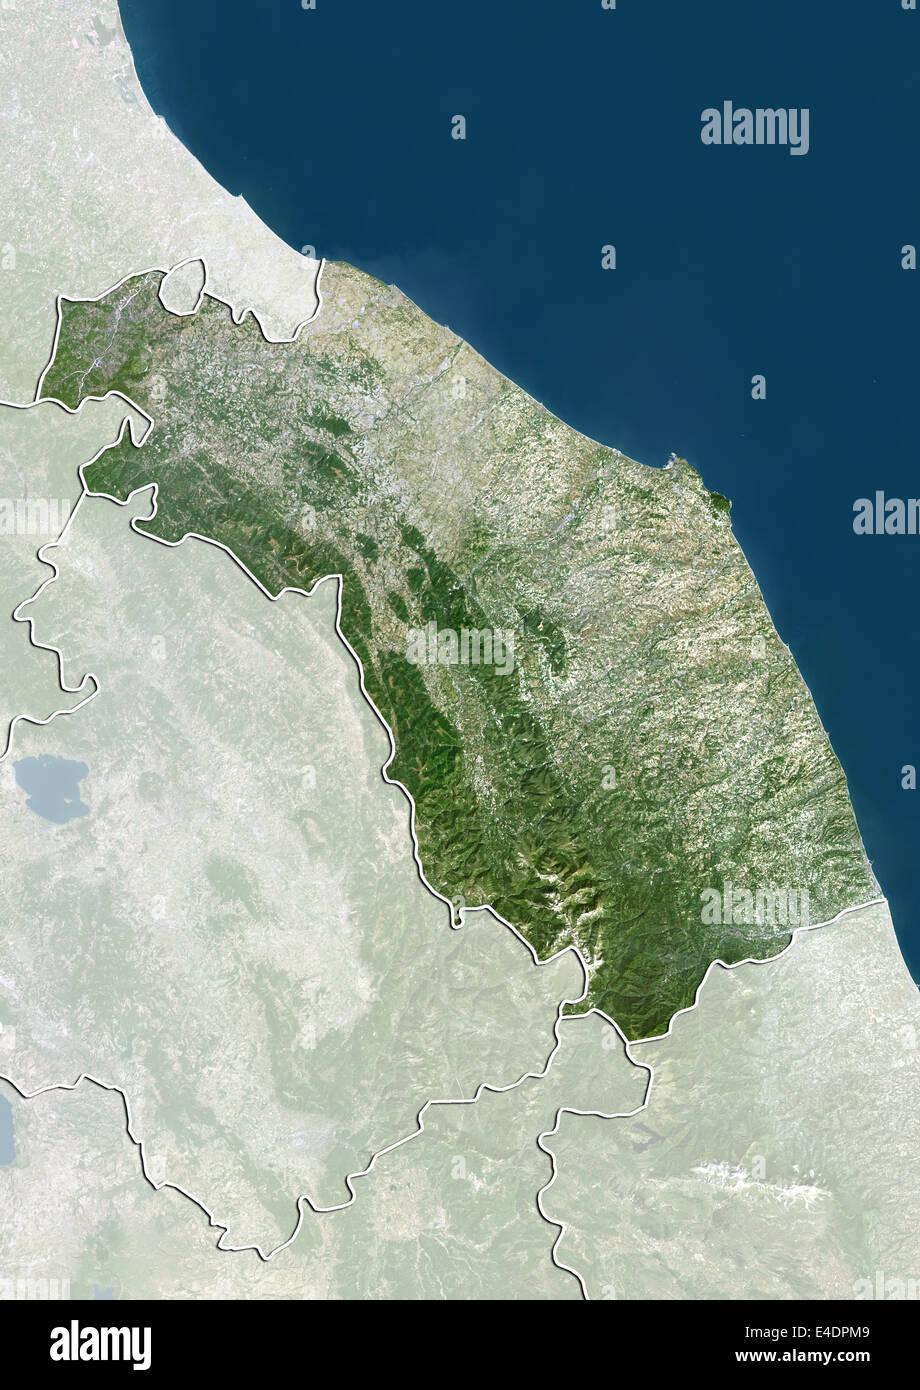 Marche Cartina.Region Of Marche Italy True Colour Satellite Image Stock Photo Alamy